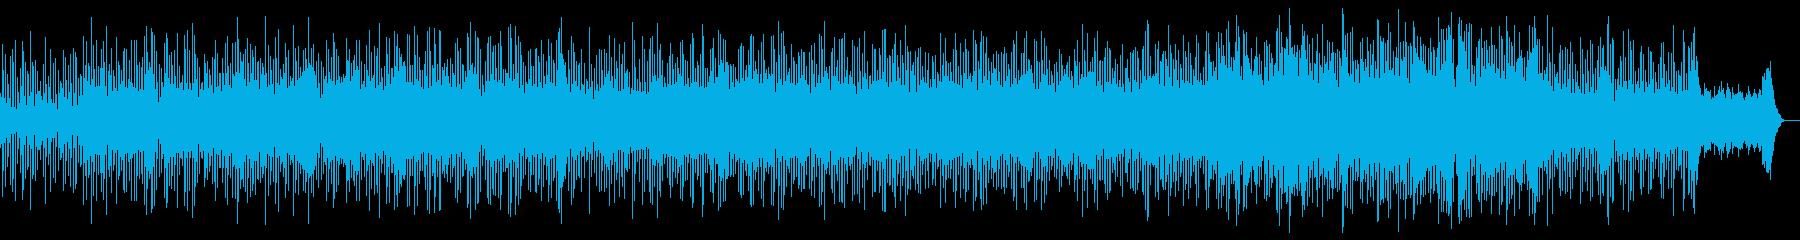 宇宙的、神秘的な雰囲気のするBGMの再生済みの波形